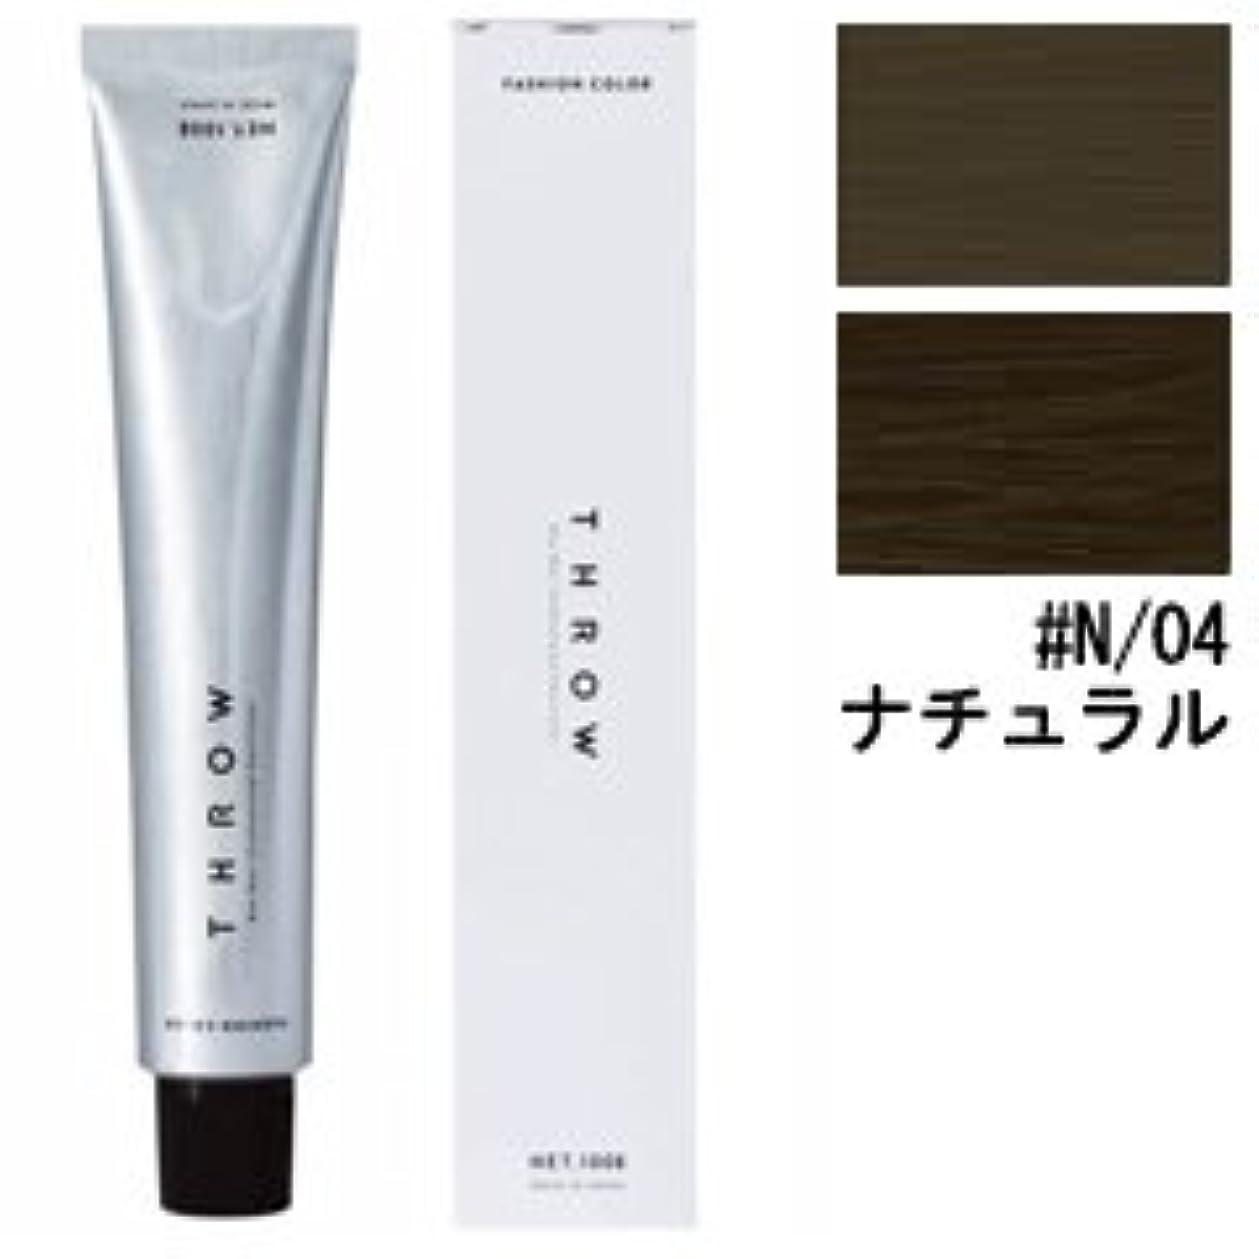 ヘアレイアコック【モルトベーネ】スロウ ファッションカラー #N/04 ナチュラル 100g